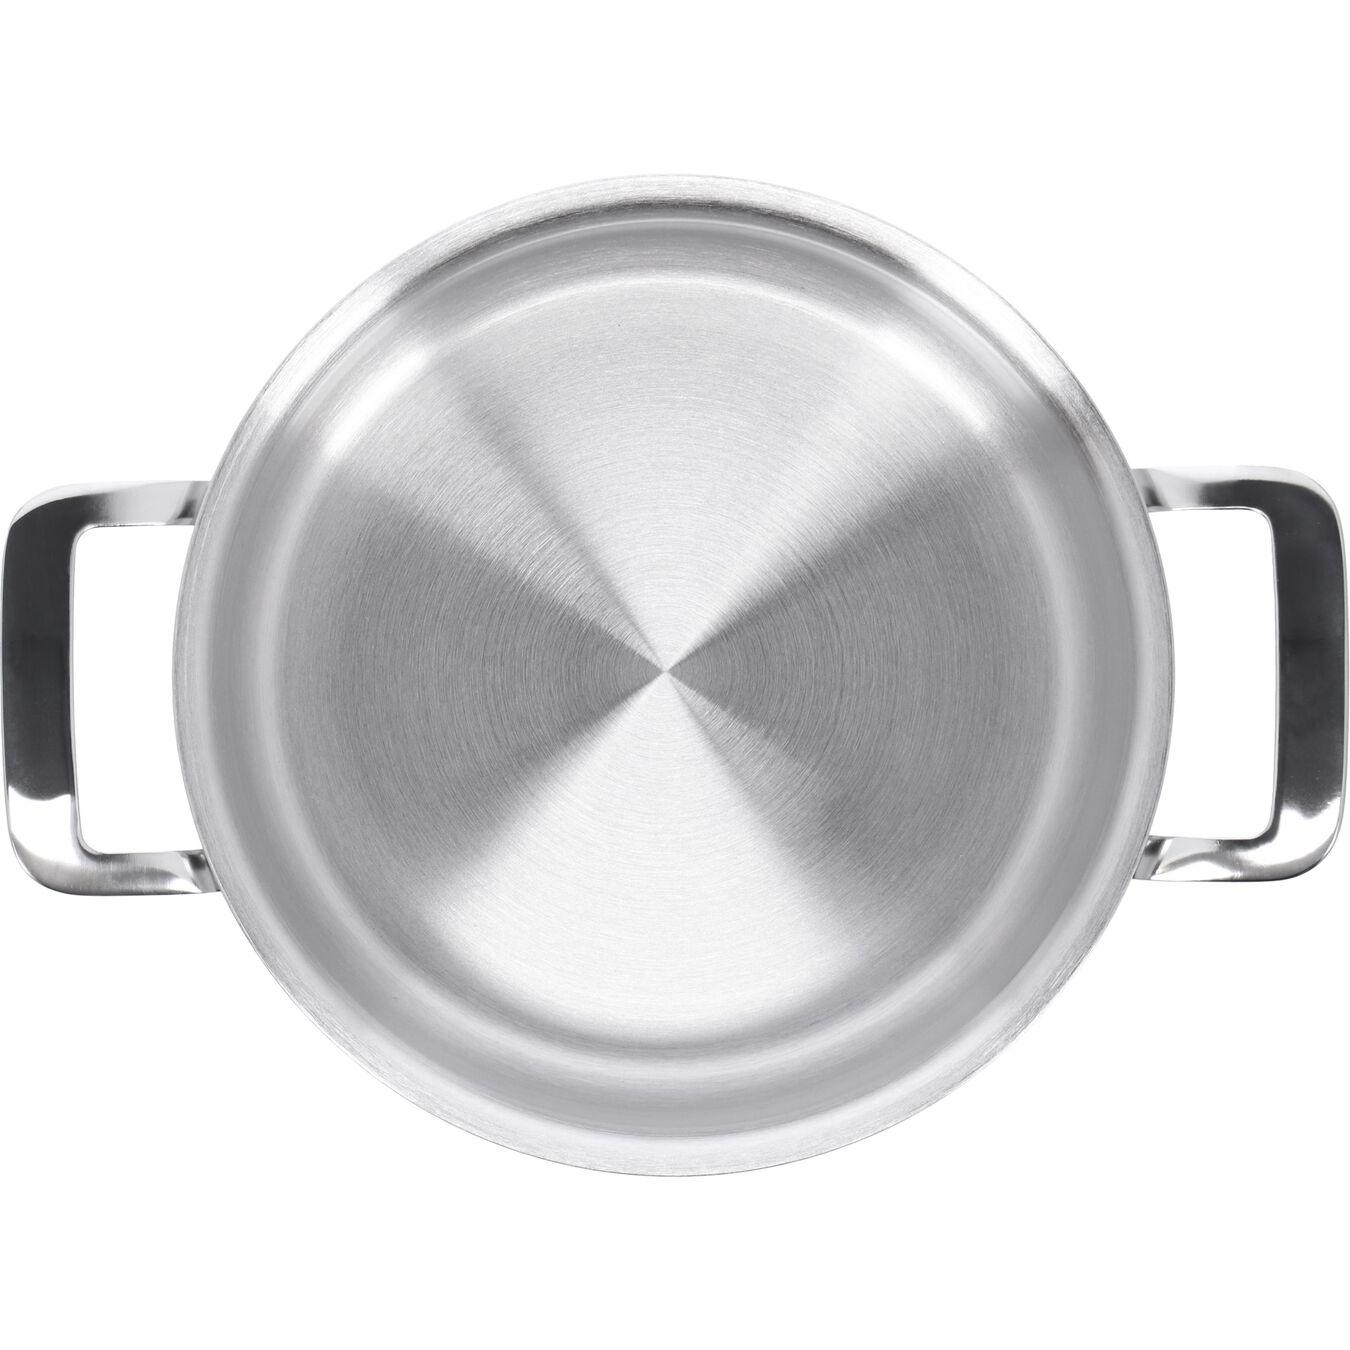 Kookpan met dubbelwandig deksel 18 cm / 2.2 l,,large 7